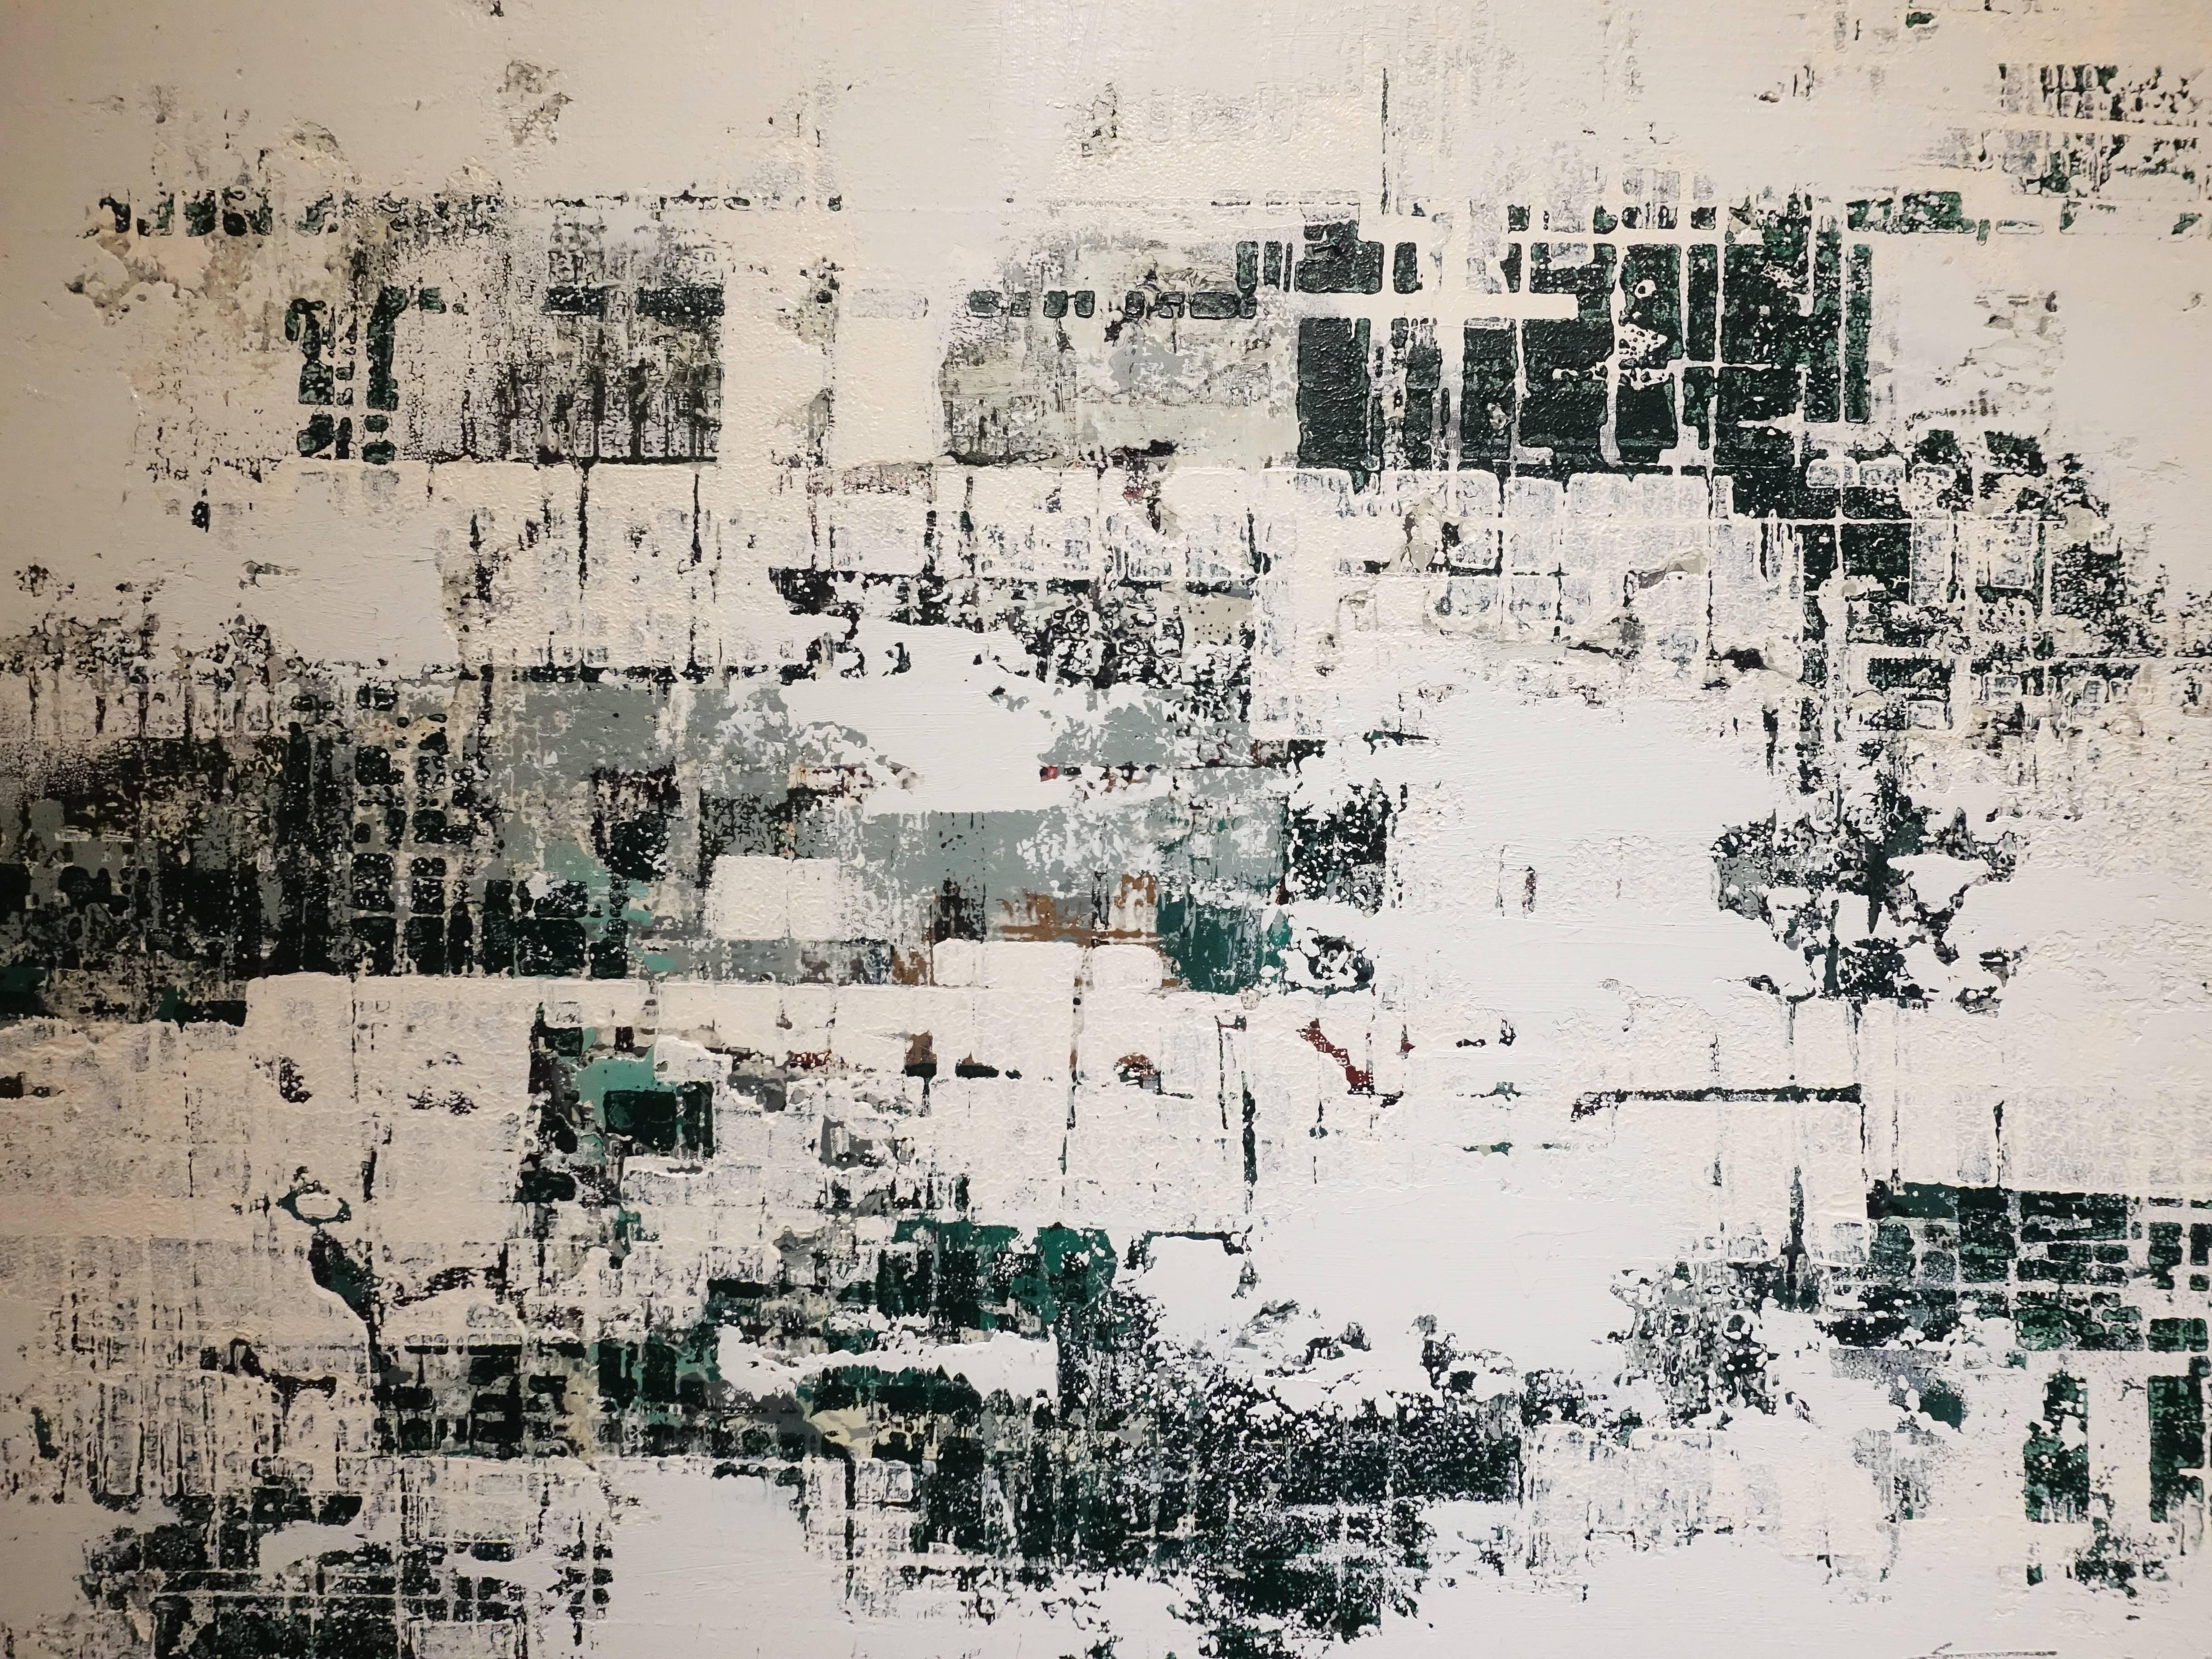 徐明豐,《移動的風景之二》細節,39 x 51 cm,複合媒材,2018。